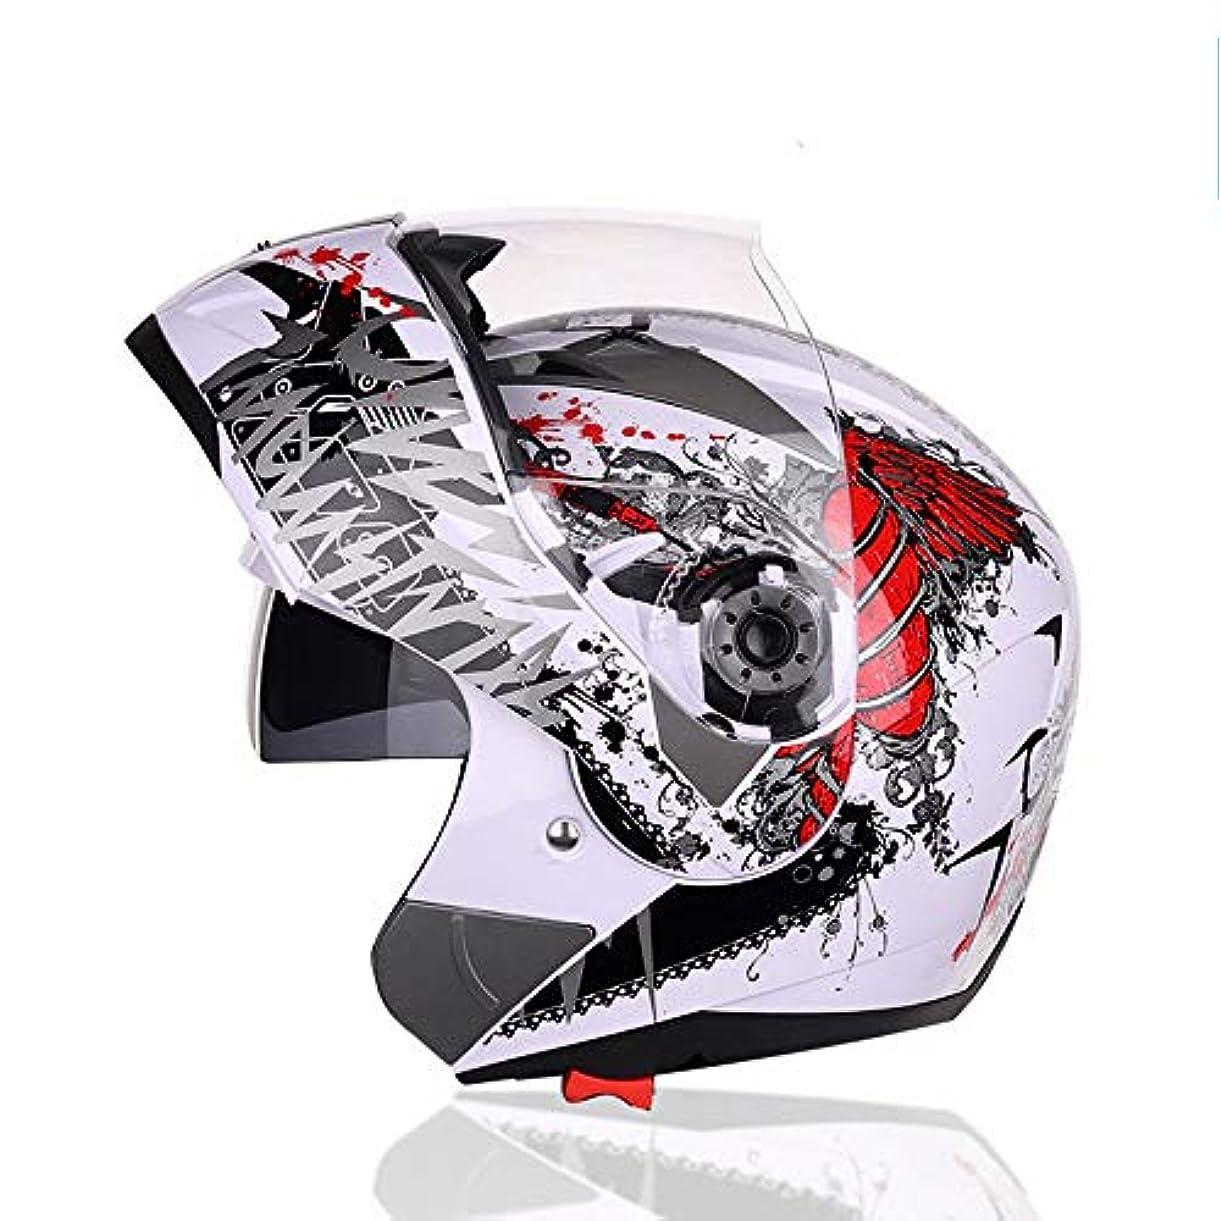 通路移動するにはまってTOMSSL高品質 オートバイヘルメットオープンフェイスヘルメットダブルレンズ電気自動車四季オートバイヘルメット防曇ヘルメット TOMSSL高品質 (Size : L)